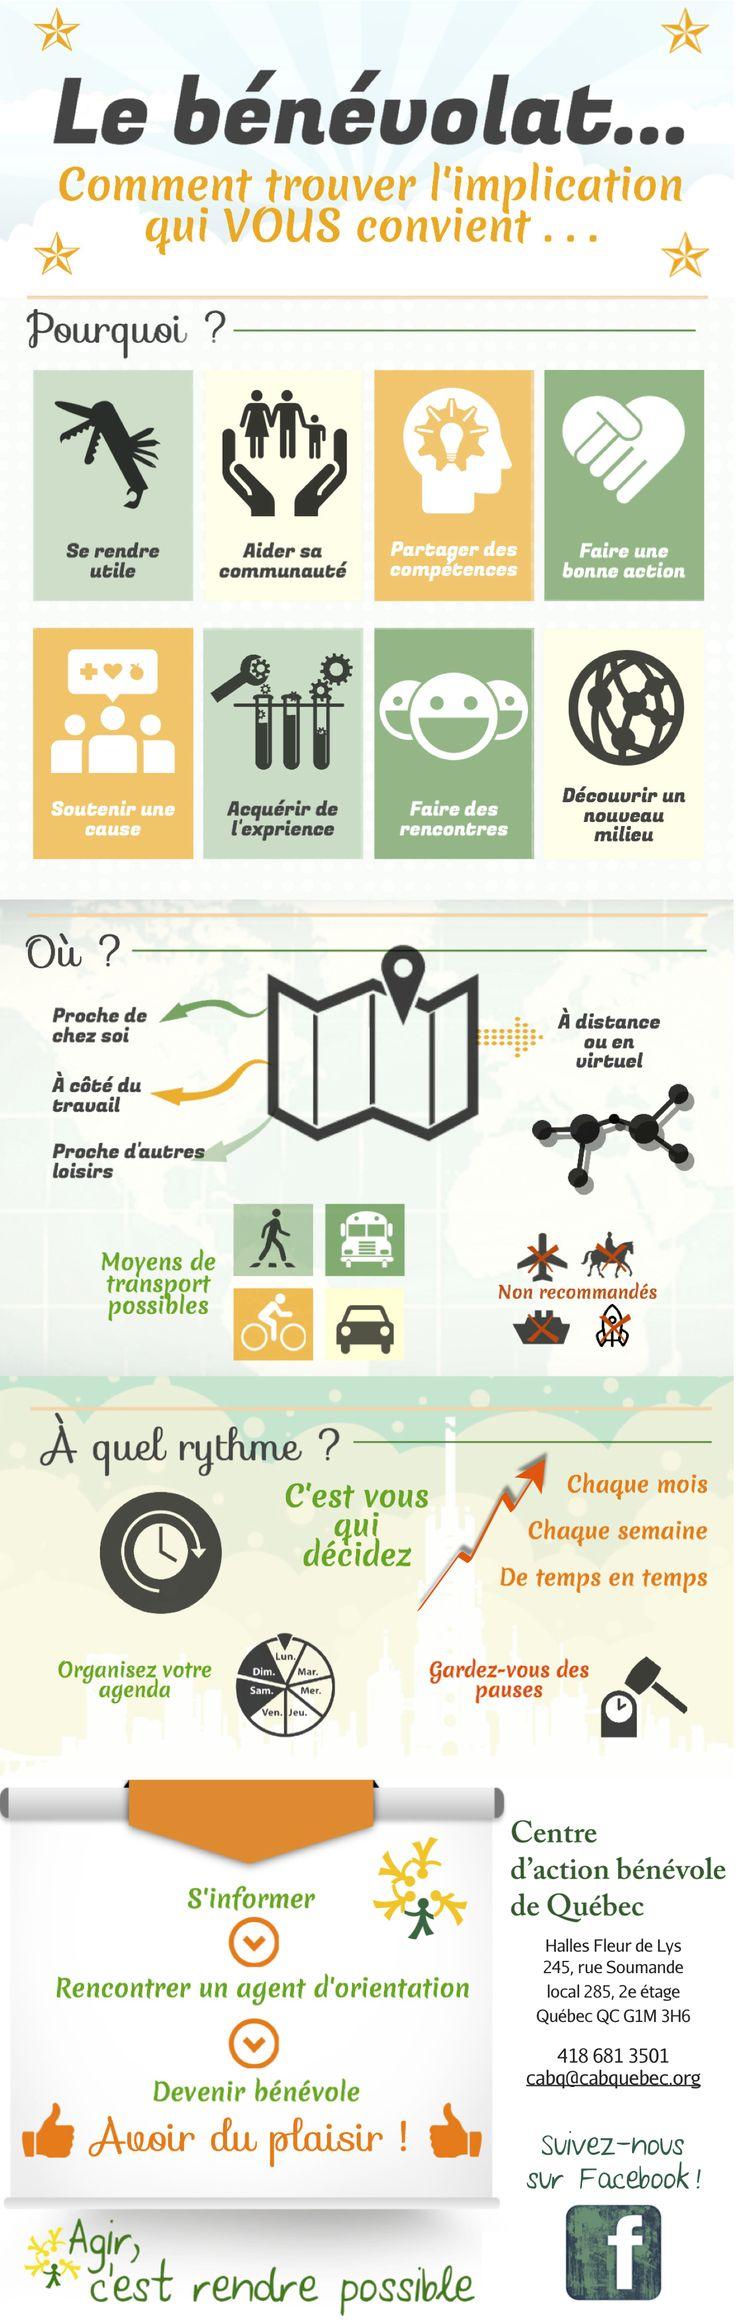 centre-daction-benevole-de-québec-infographie-bénévolat-trouver